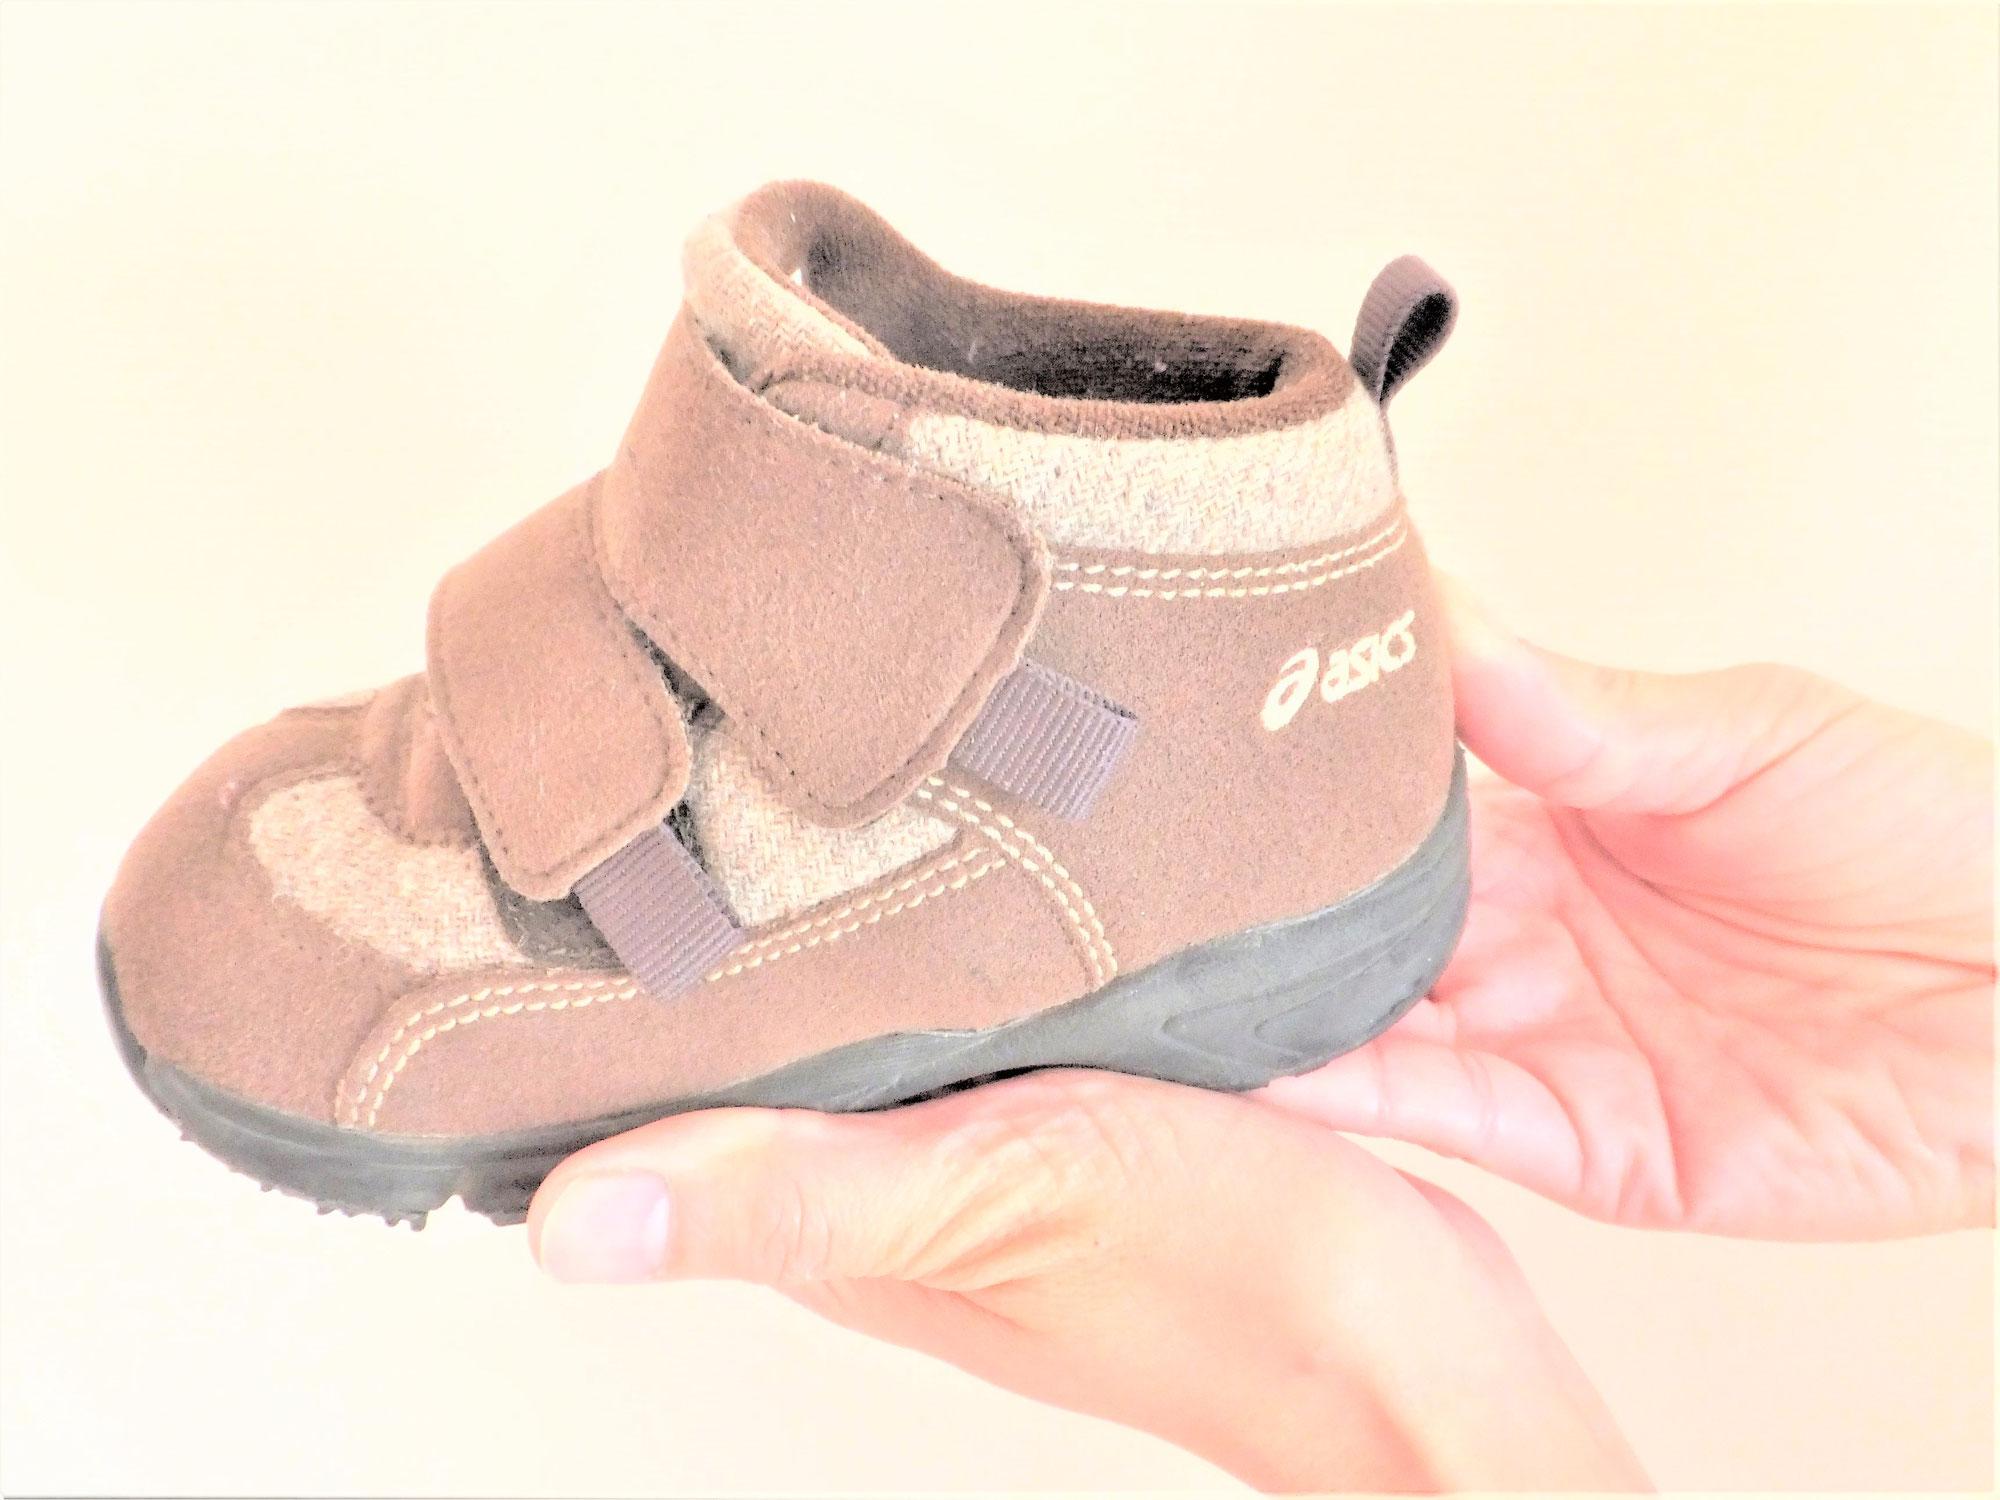 子ども靴を選ぶ時は靴の幅も確認して下さい。